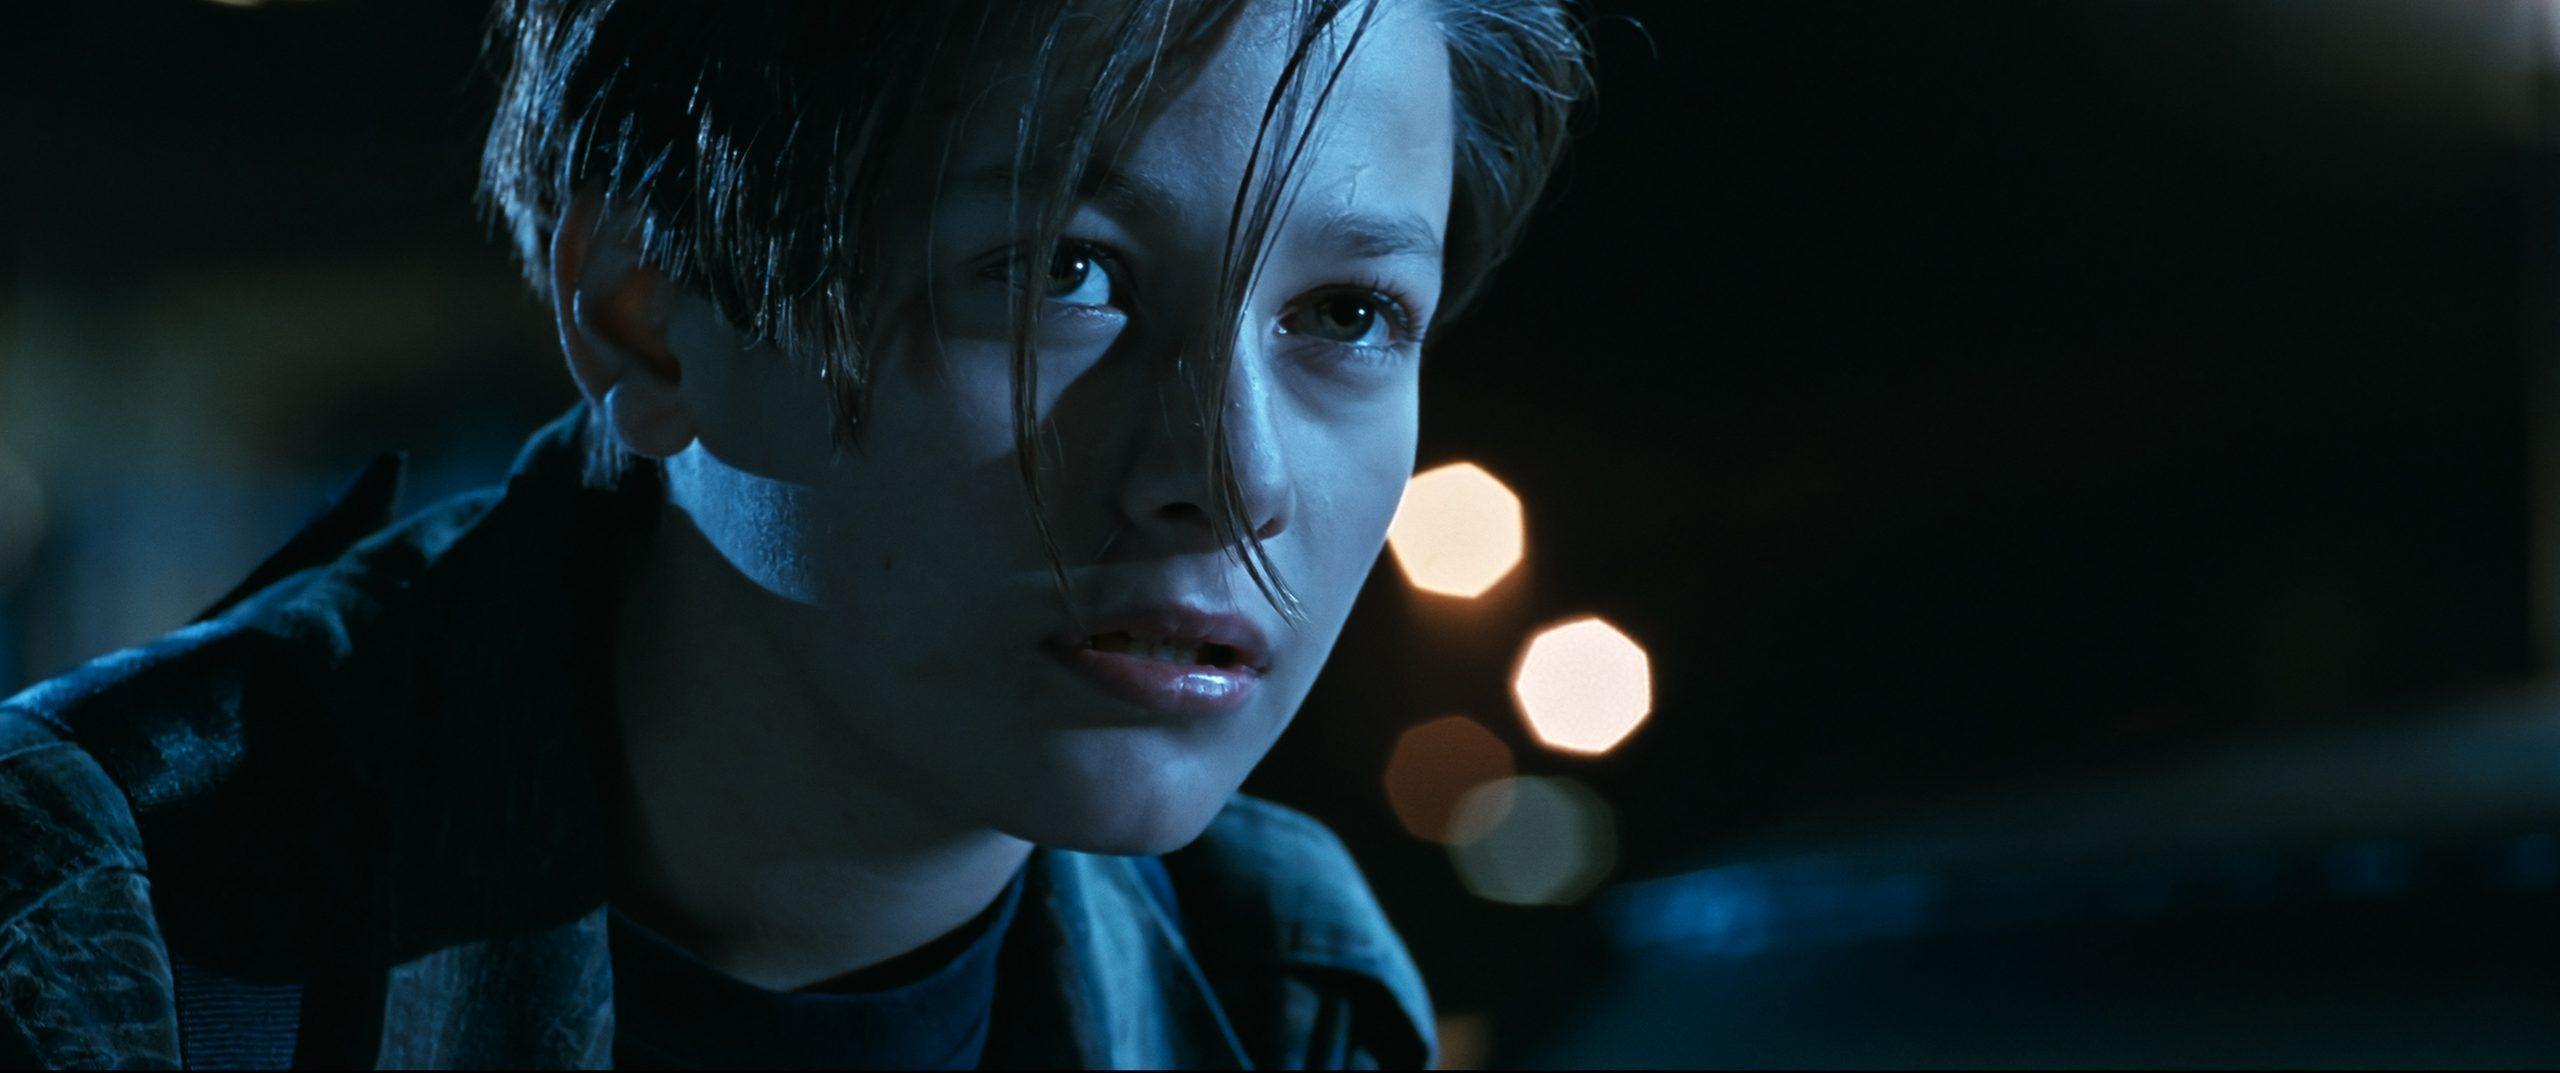 James Cameron Terminator 2 extasis drogado John Connor